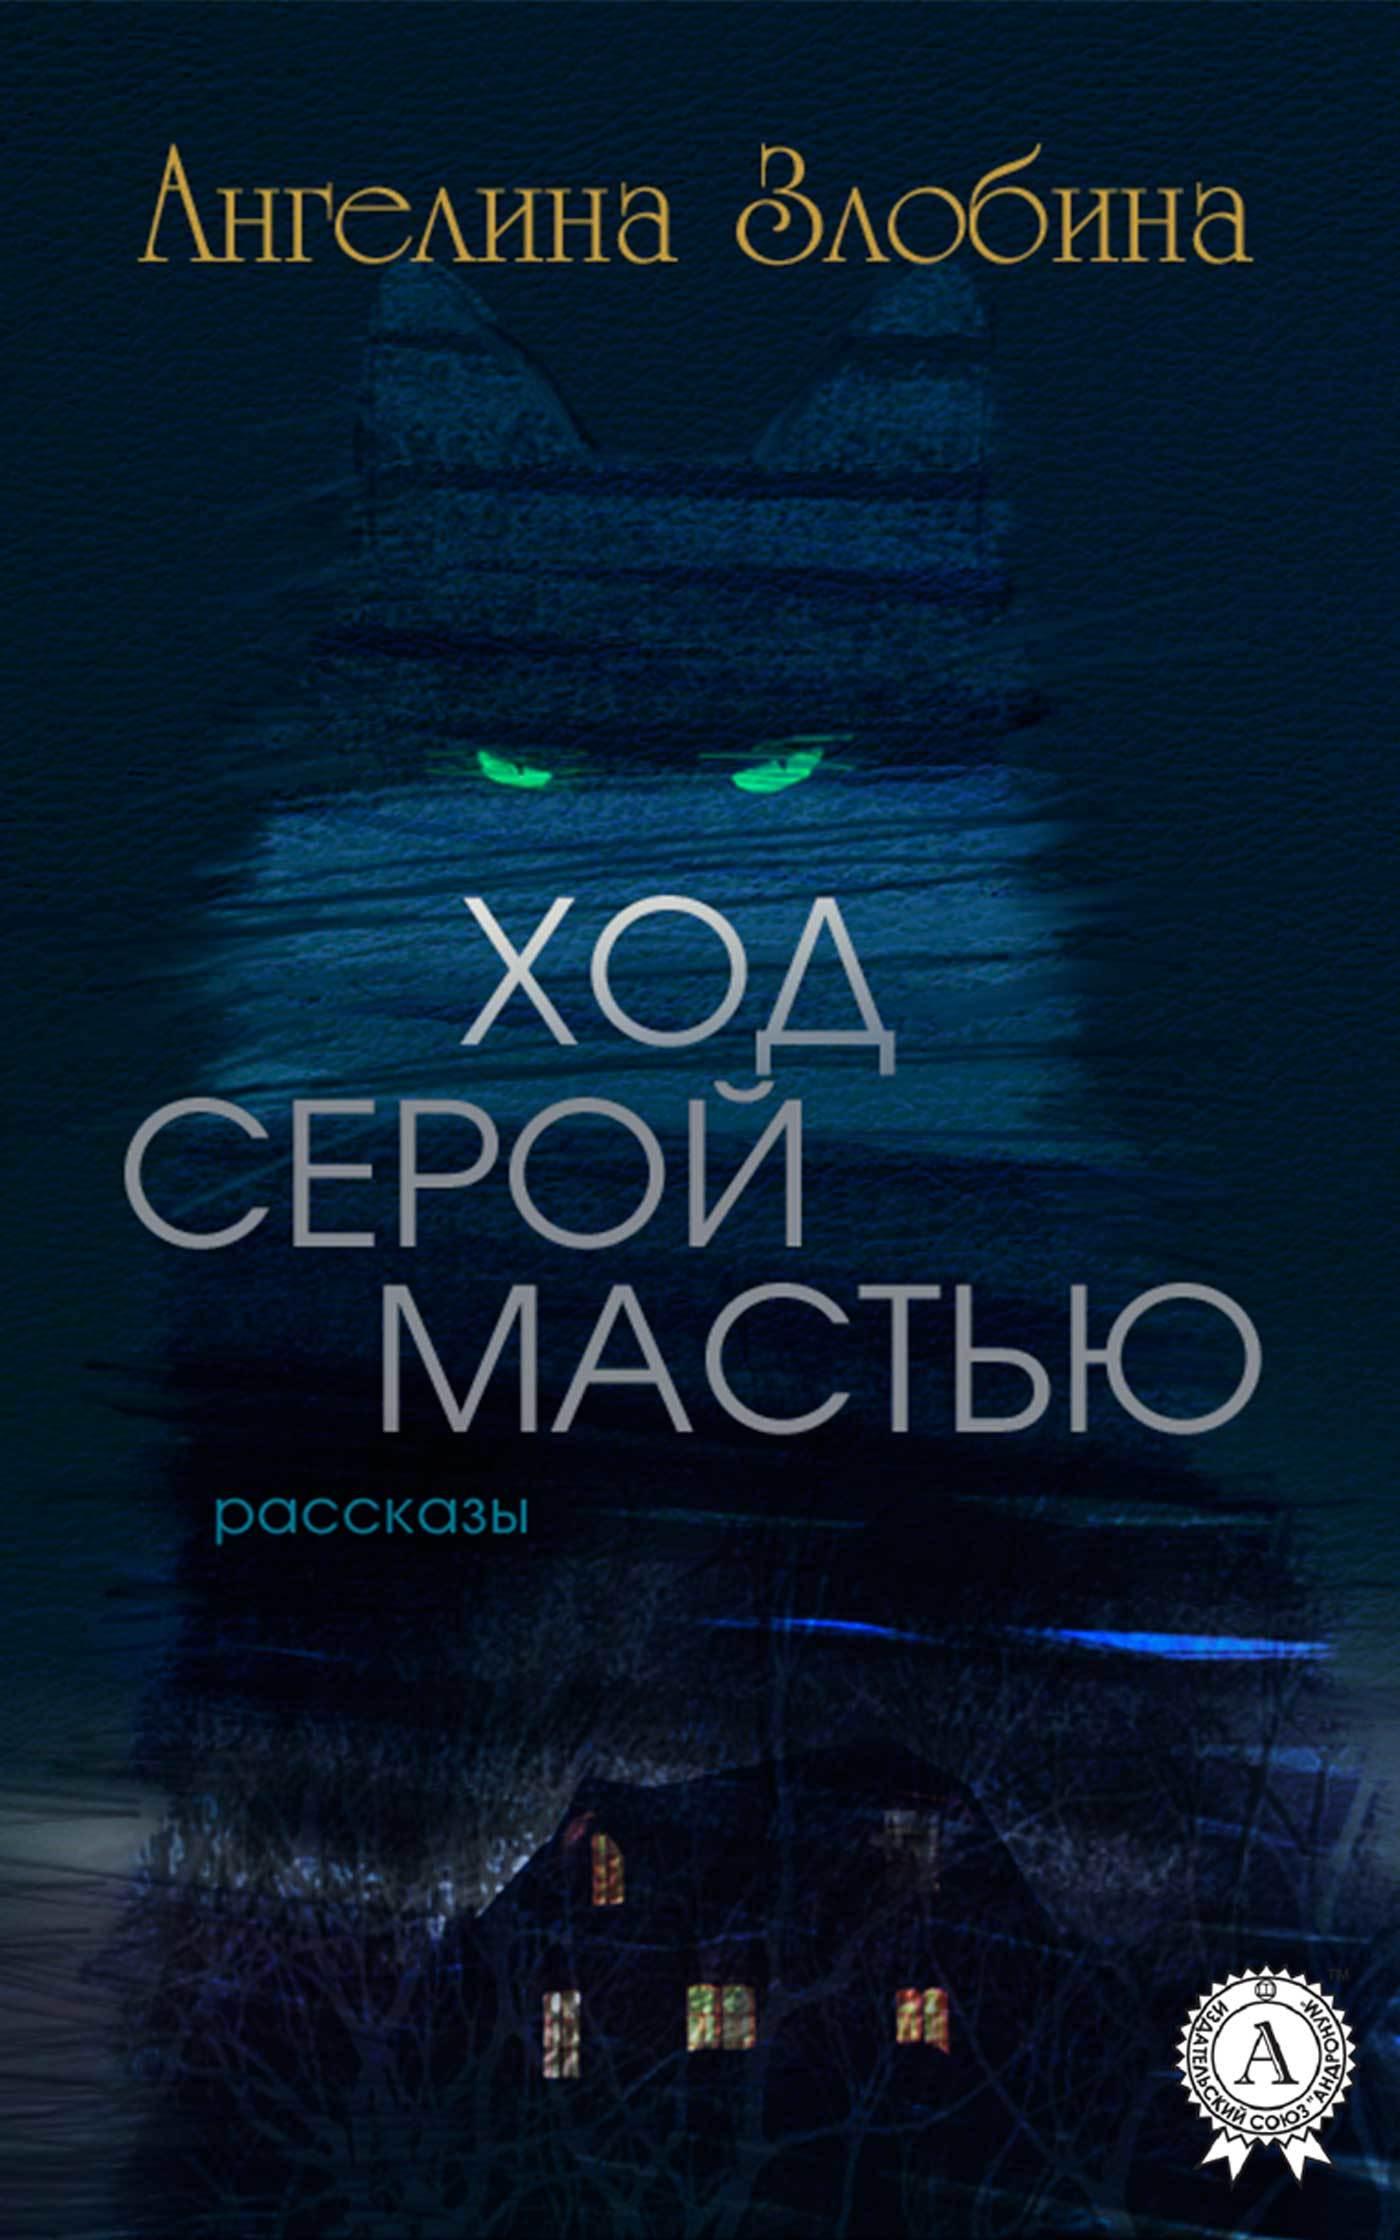 Ангелина Злобина Ход серой мастью (Сборник рассказов)